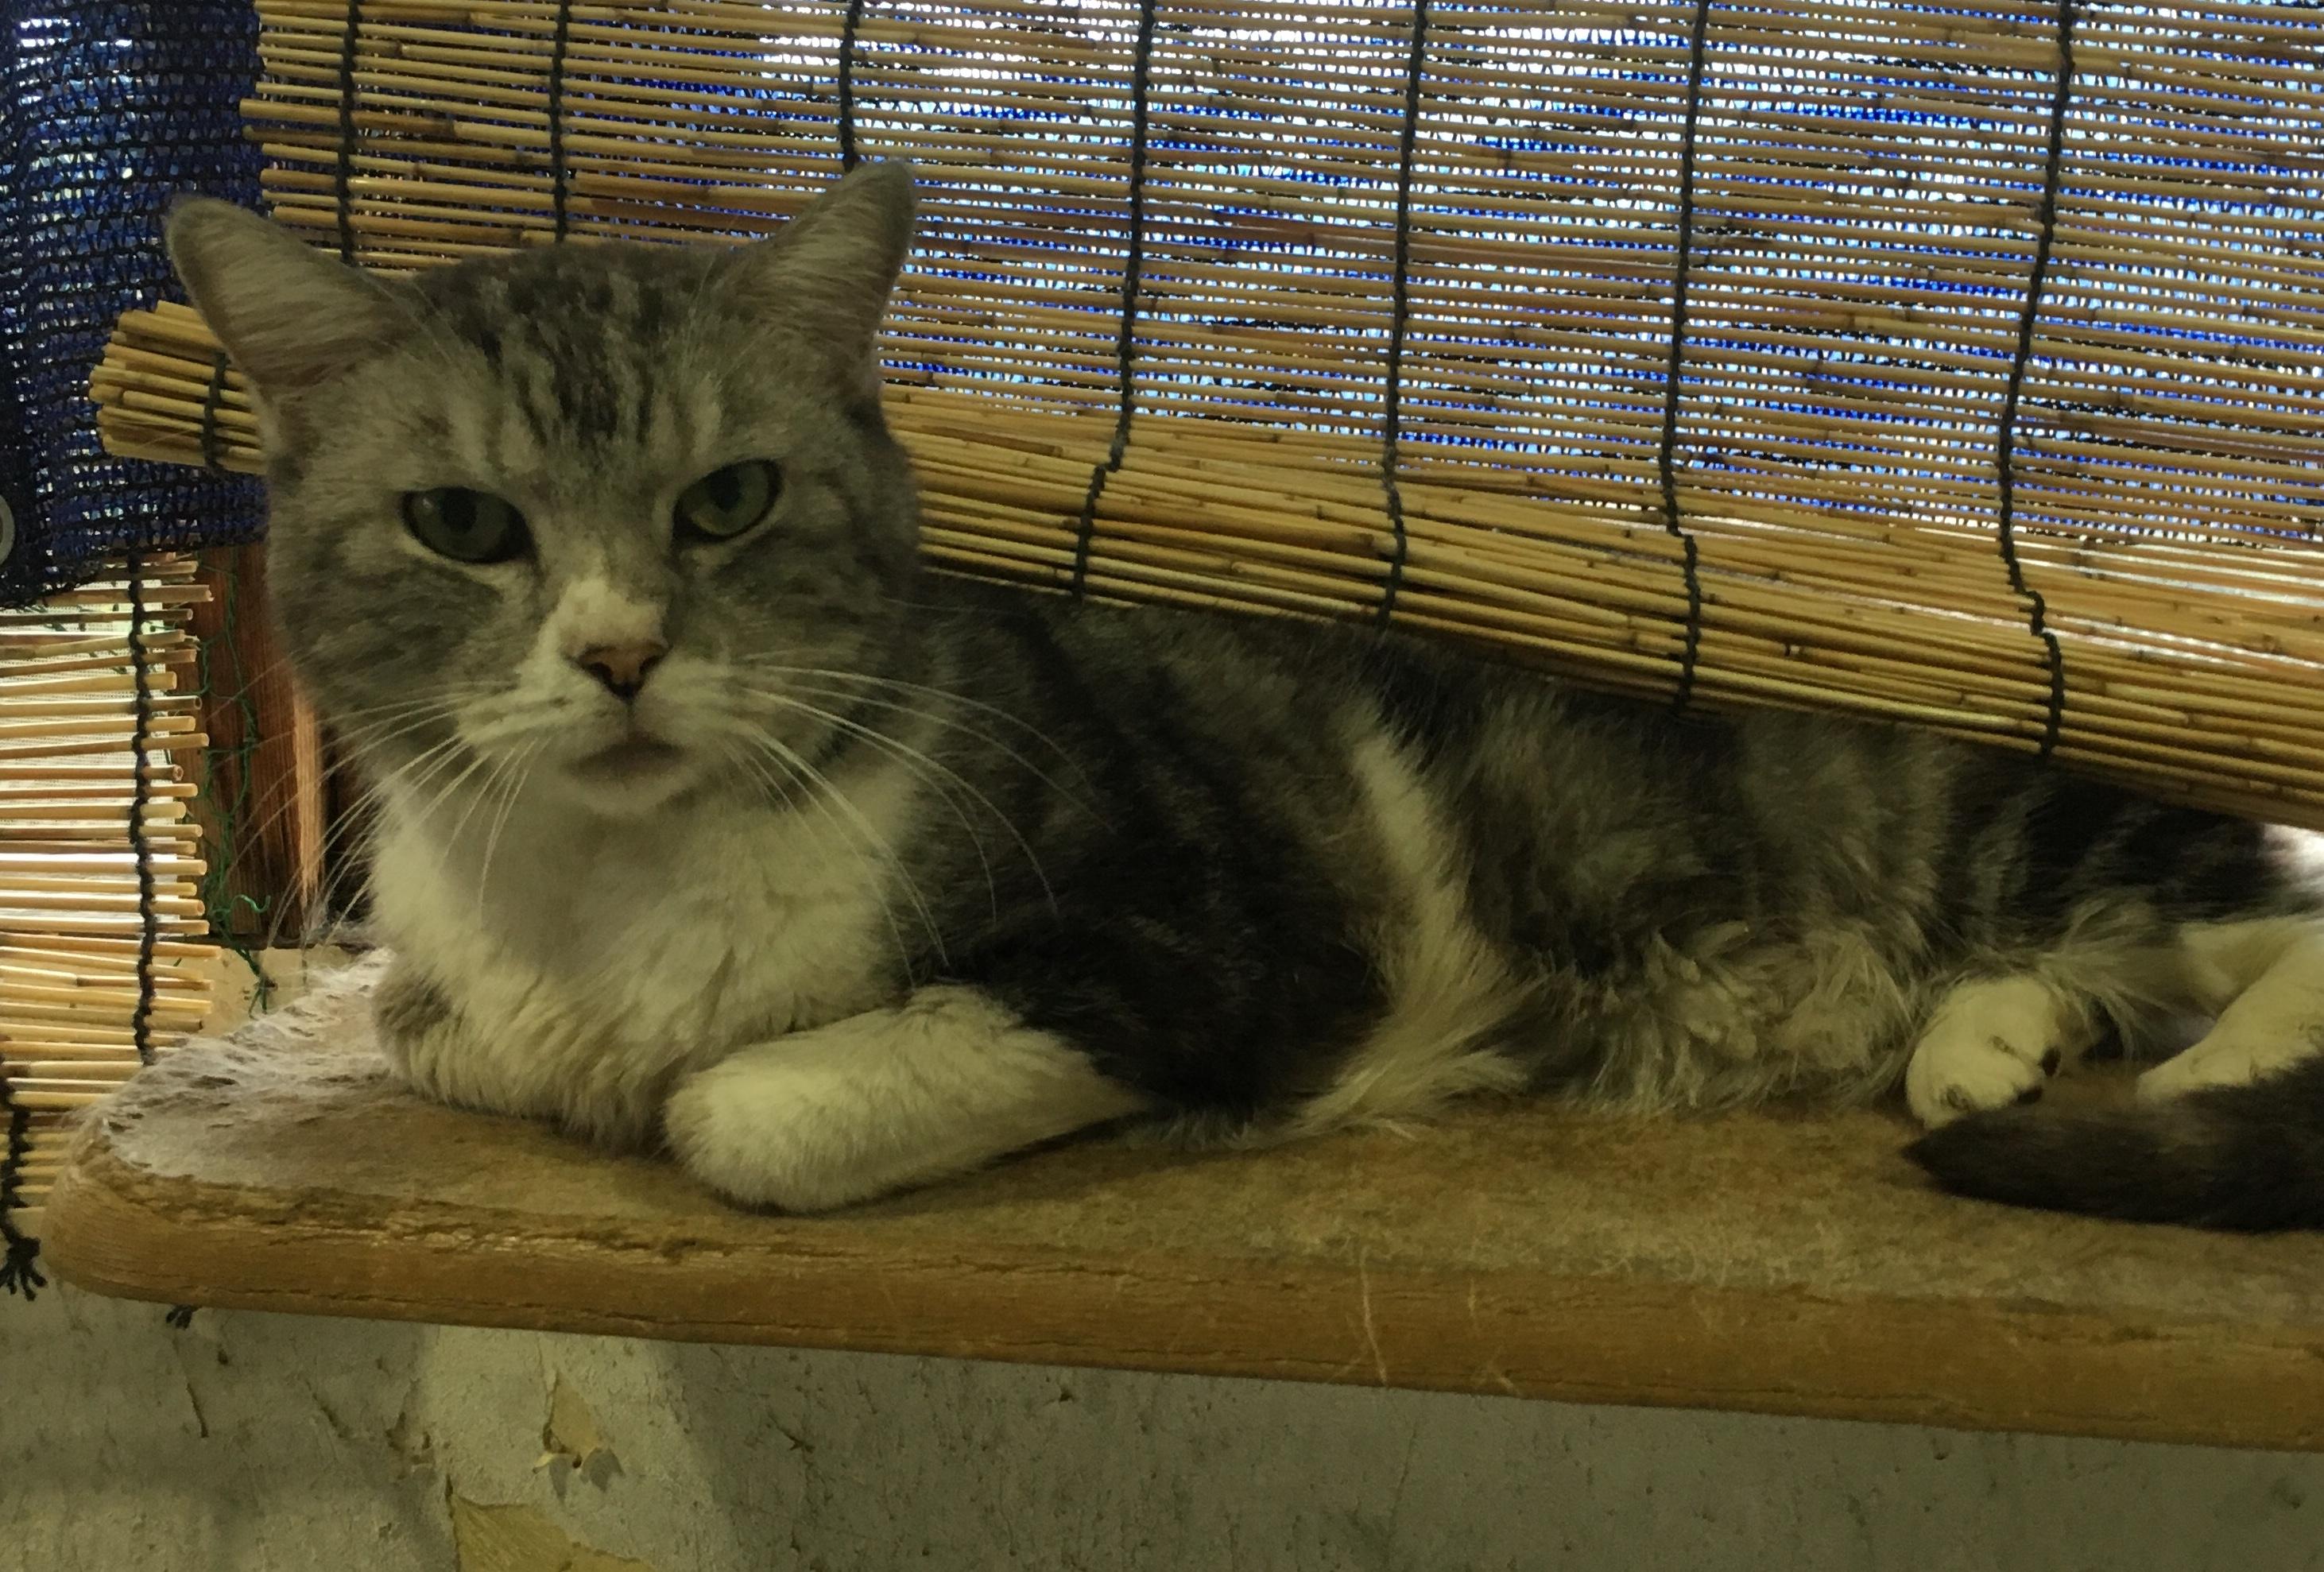 <ul> <li>H6-7</li> <li>猫種:日本猫 アメショー系雑種</li> <li>性別:男の子</li> <li>名前:太郎</li> <li>年齢:13才</li> <li>保護経緯:飼い主様の病気療養のため飼育困難になりました</li> <li>その他:去勢済み・人見知りがかなり激しいです</li> </ul>